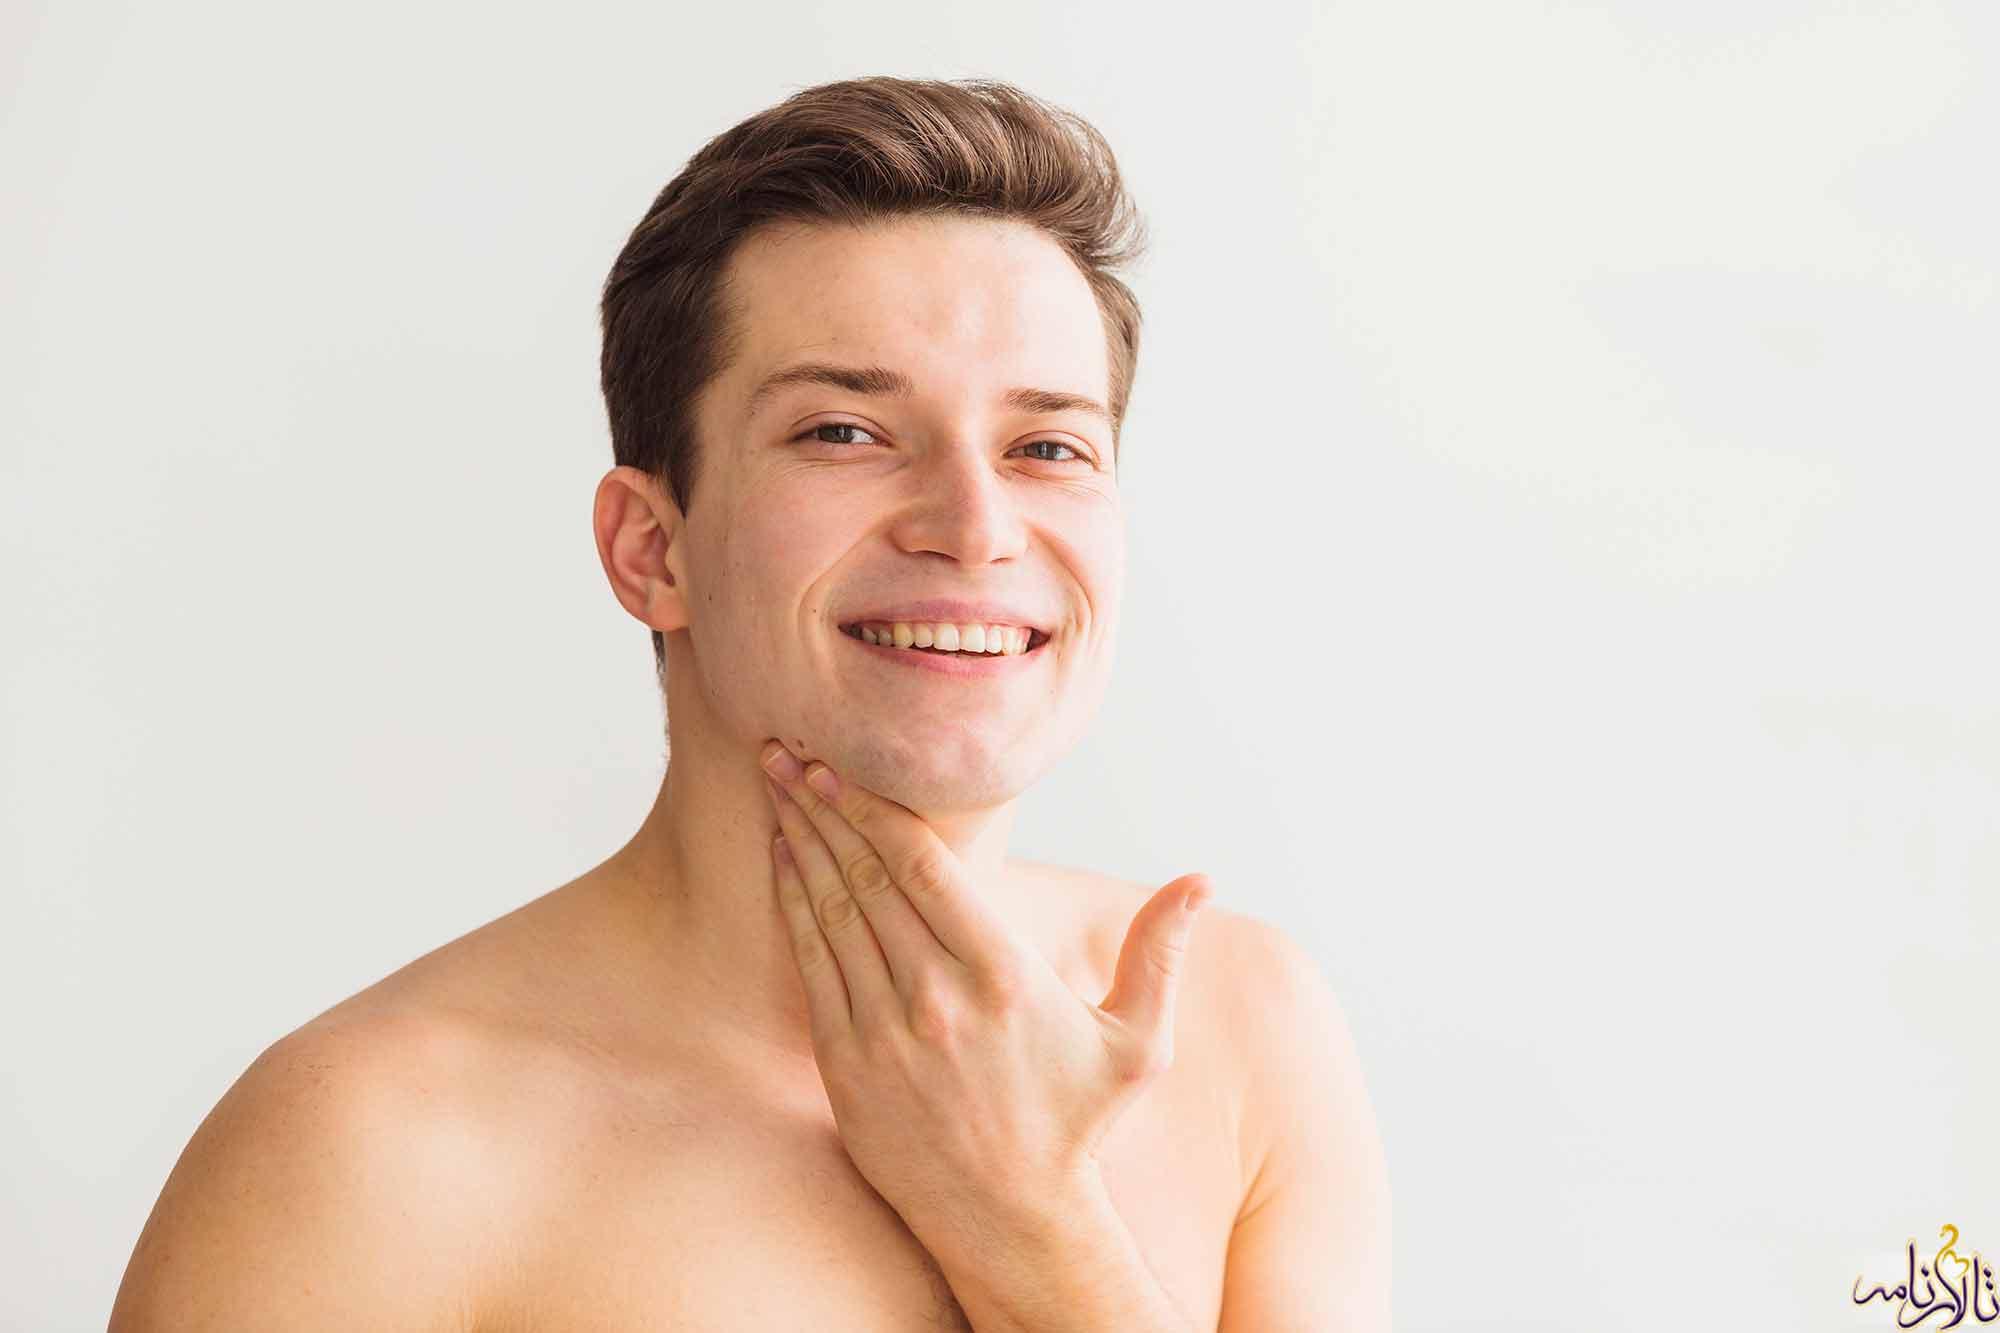 راهکارهای مهم برای مراقبت از پوست آقایان